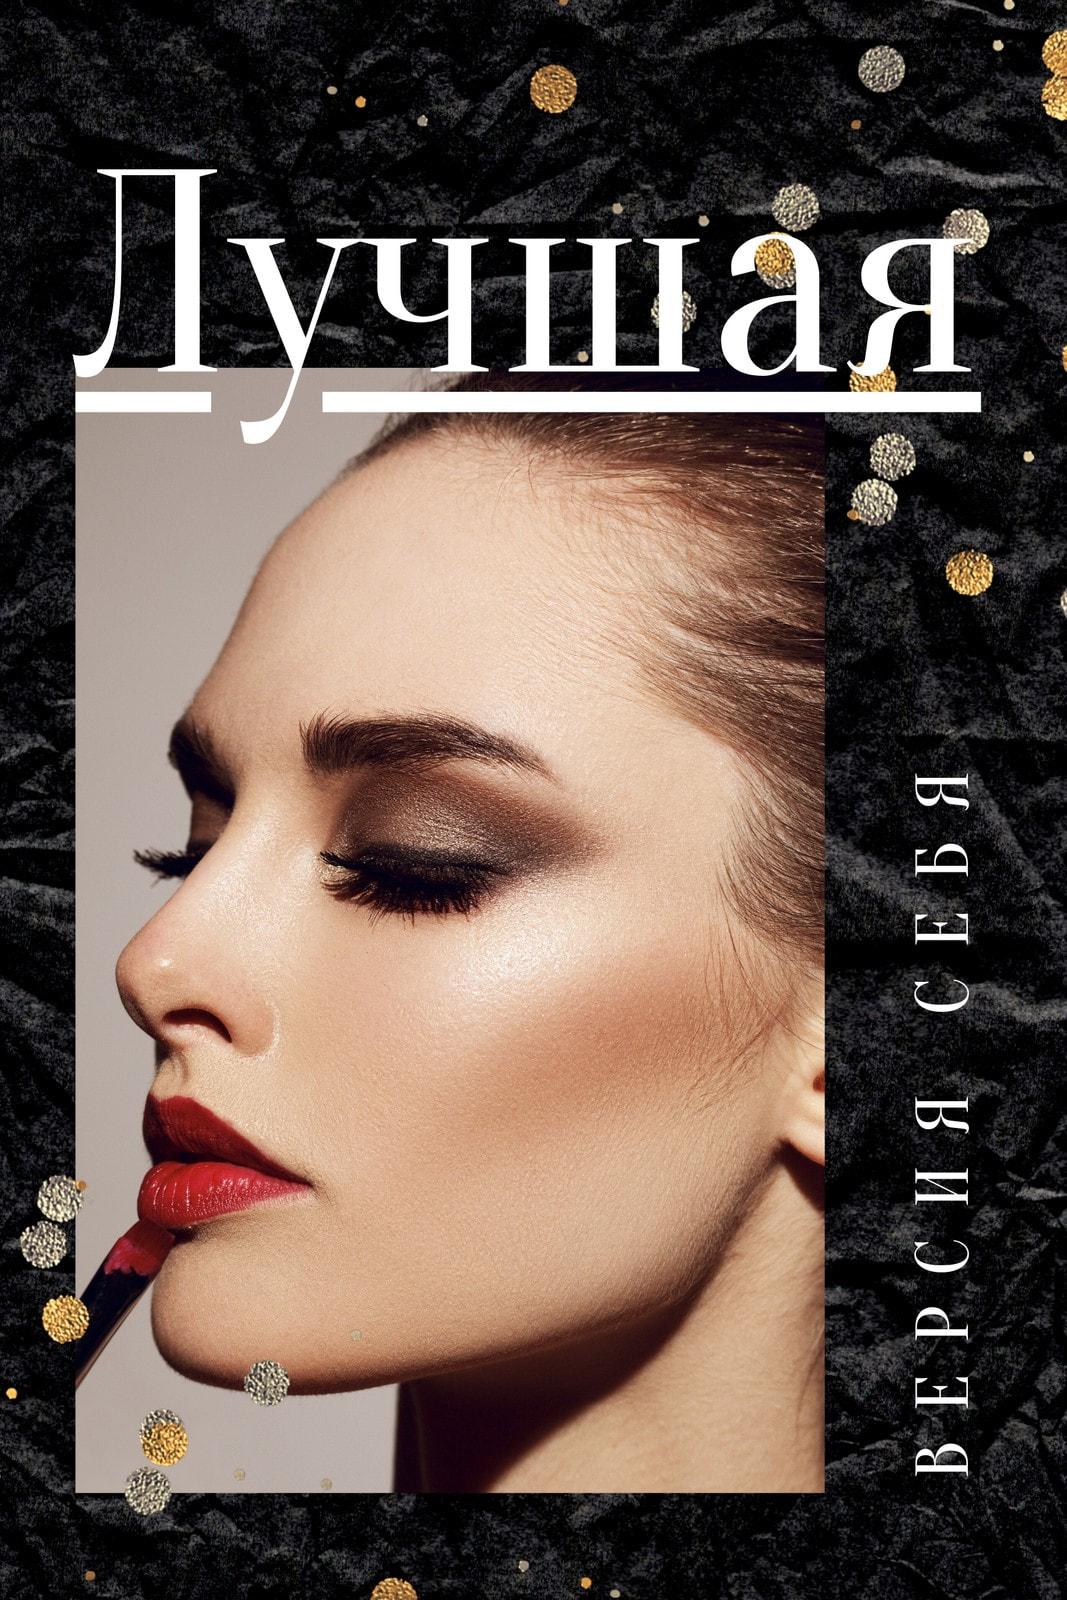 Черное и белое изображение профиля ВК с фотографией девушки с макияжем